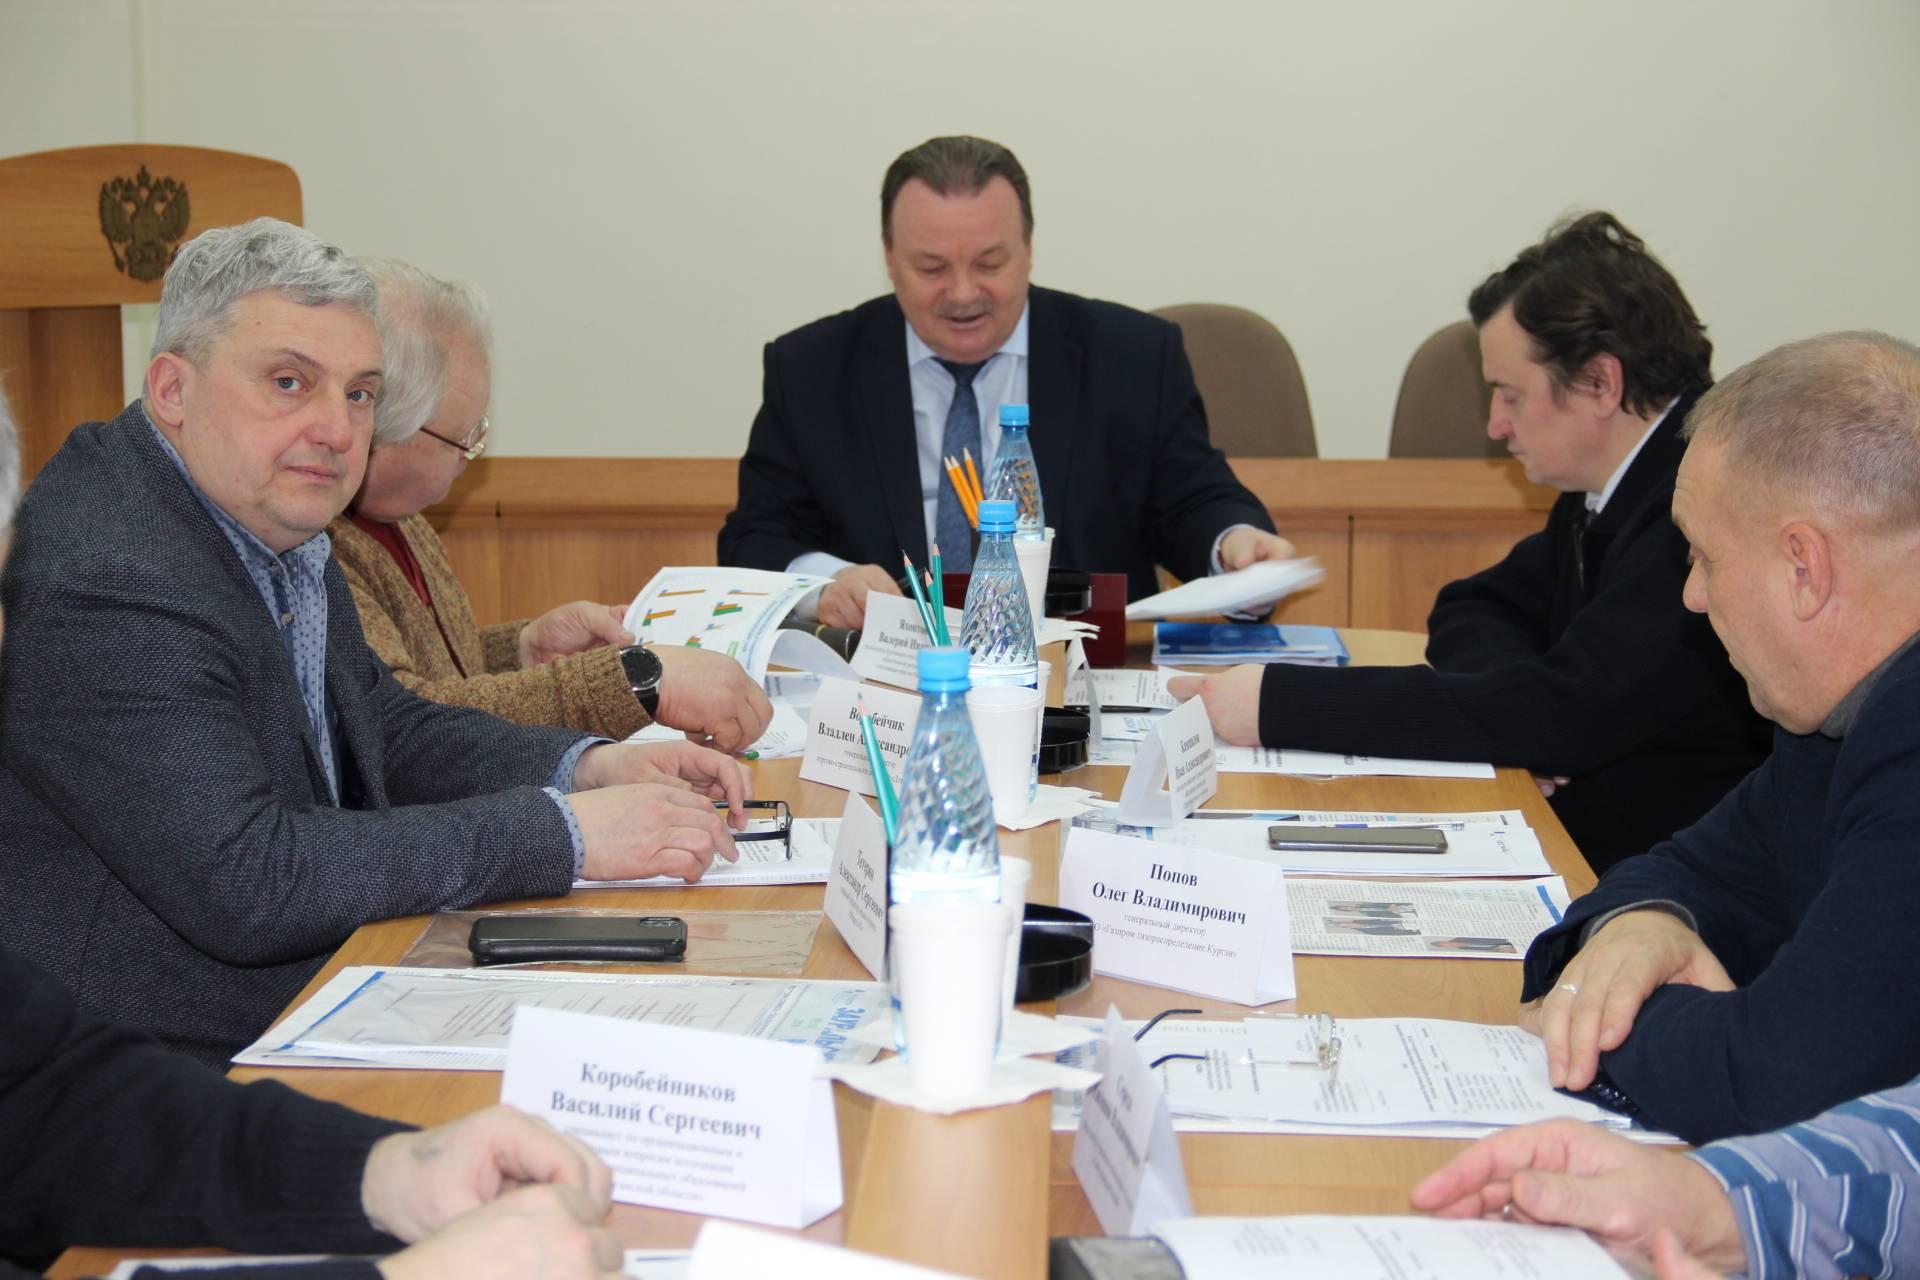 Заседание курганского общественного совета при Управлении Росреестра